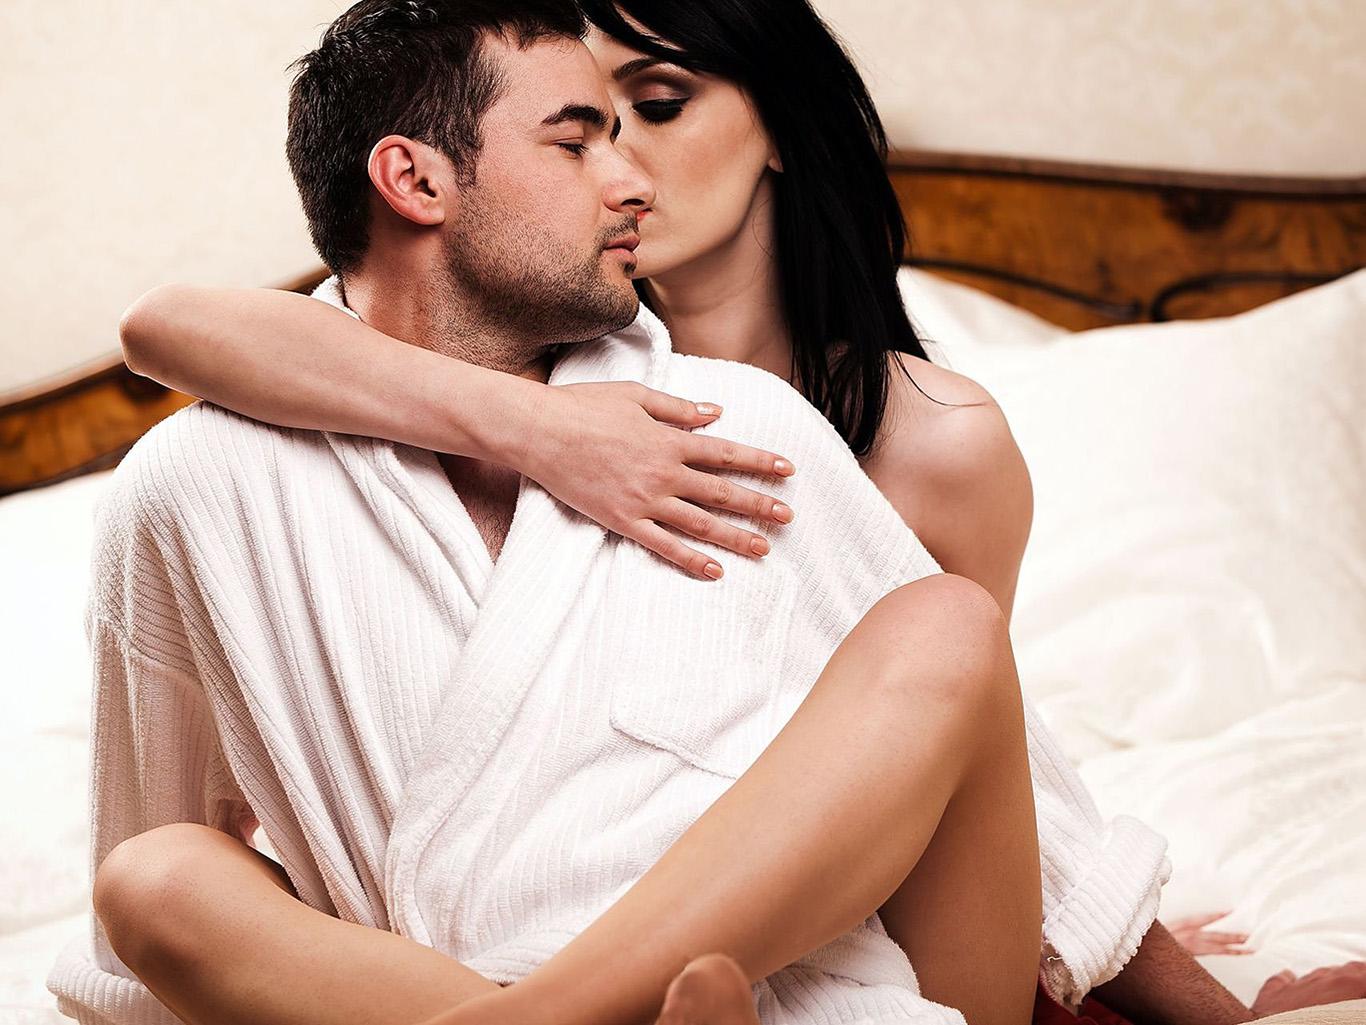 как себя вести при встречи сбывшим любовником он привороженый телец